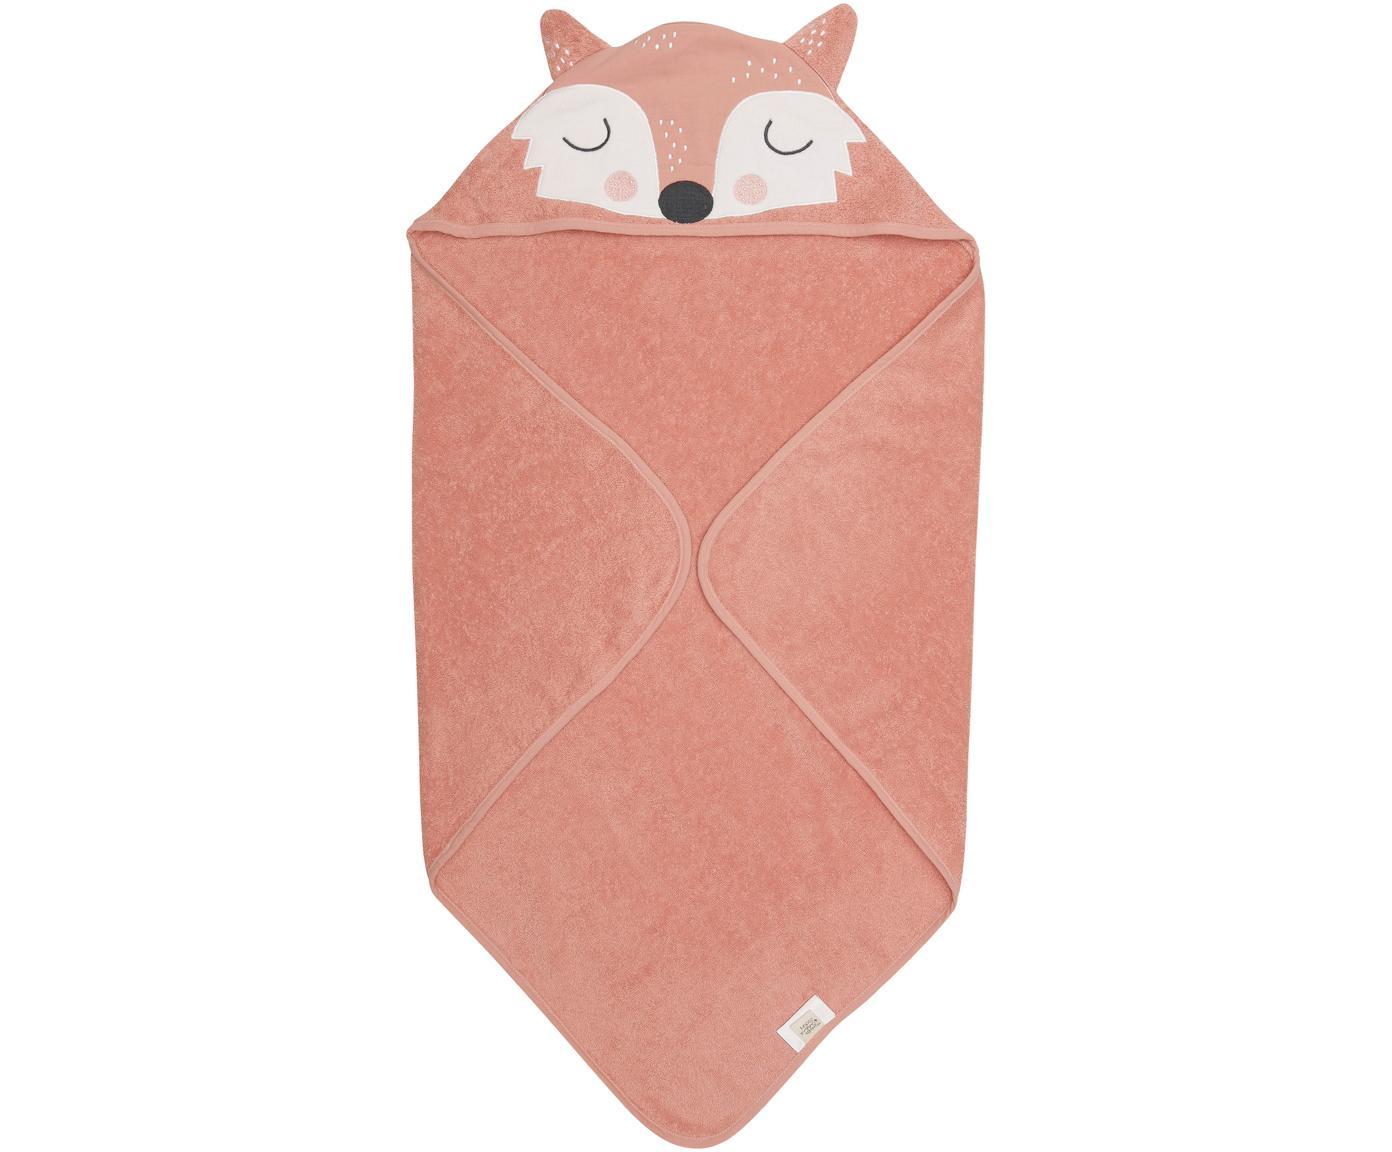 Asciugamano in cotone organico Fox Frida, Cotone organico, certificato GOTS, Rosa, bianco, nero, Larg. 80 x Lung. 80 cm